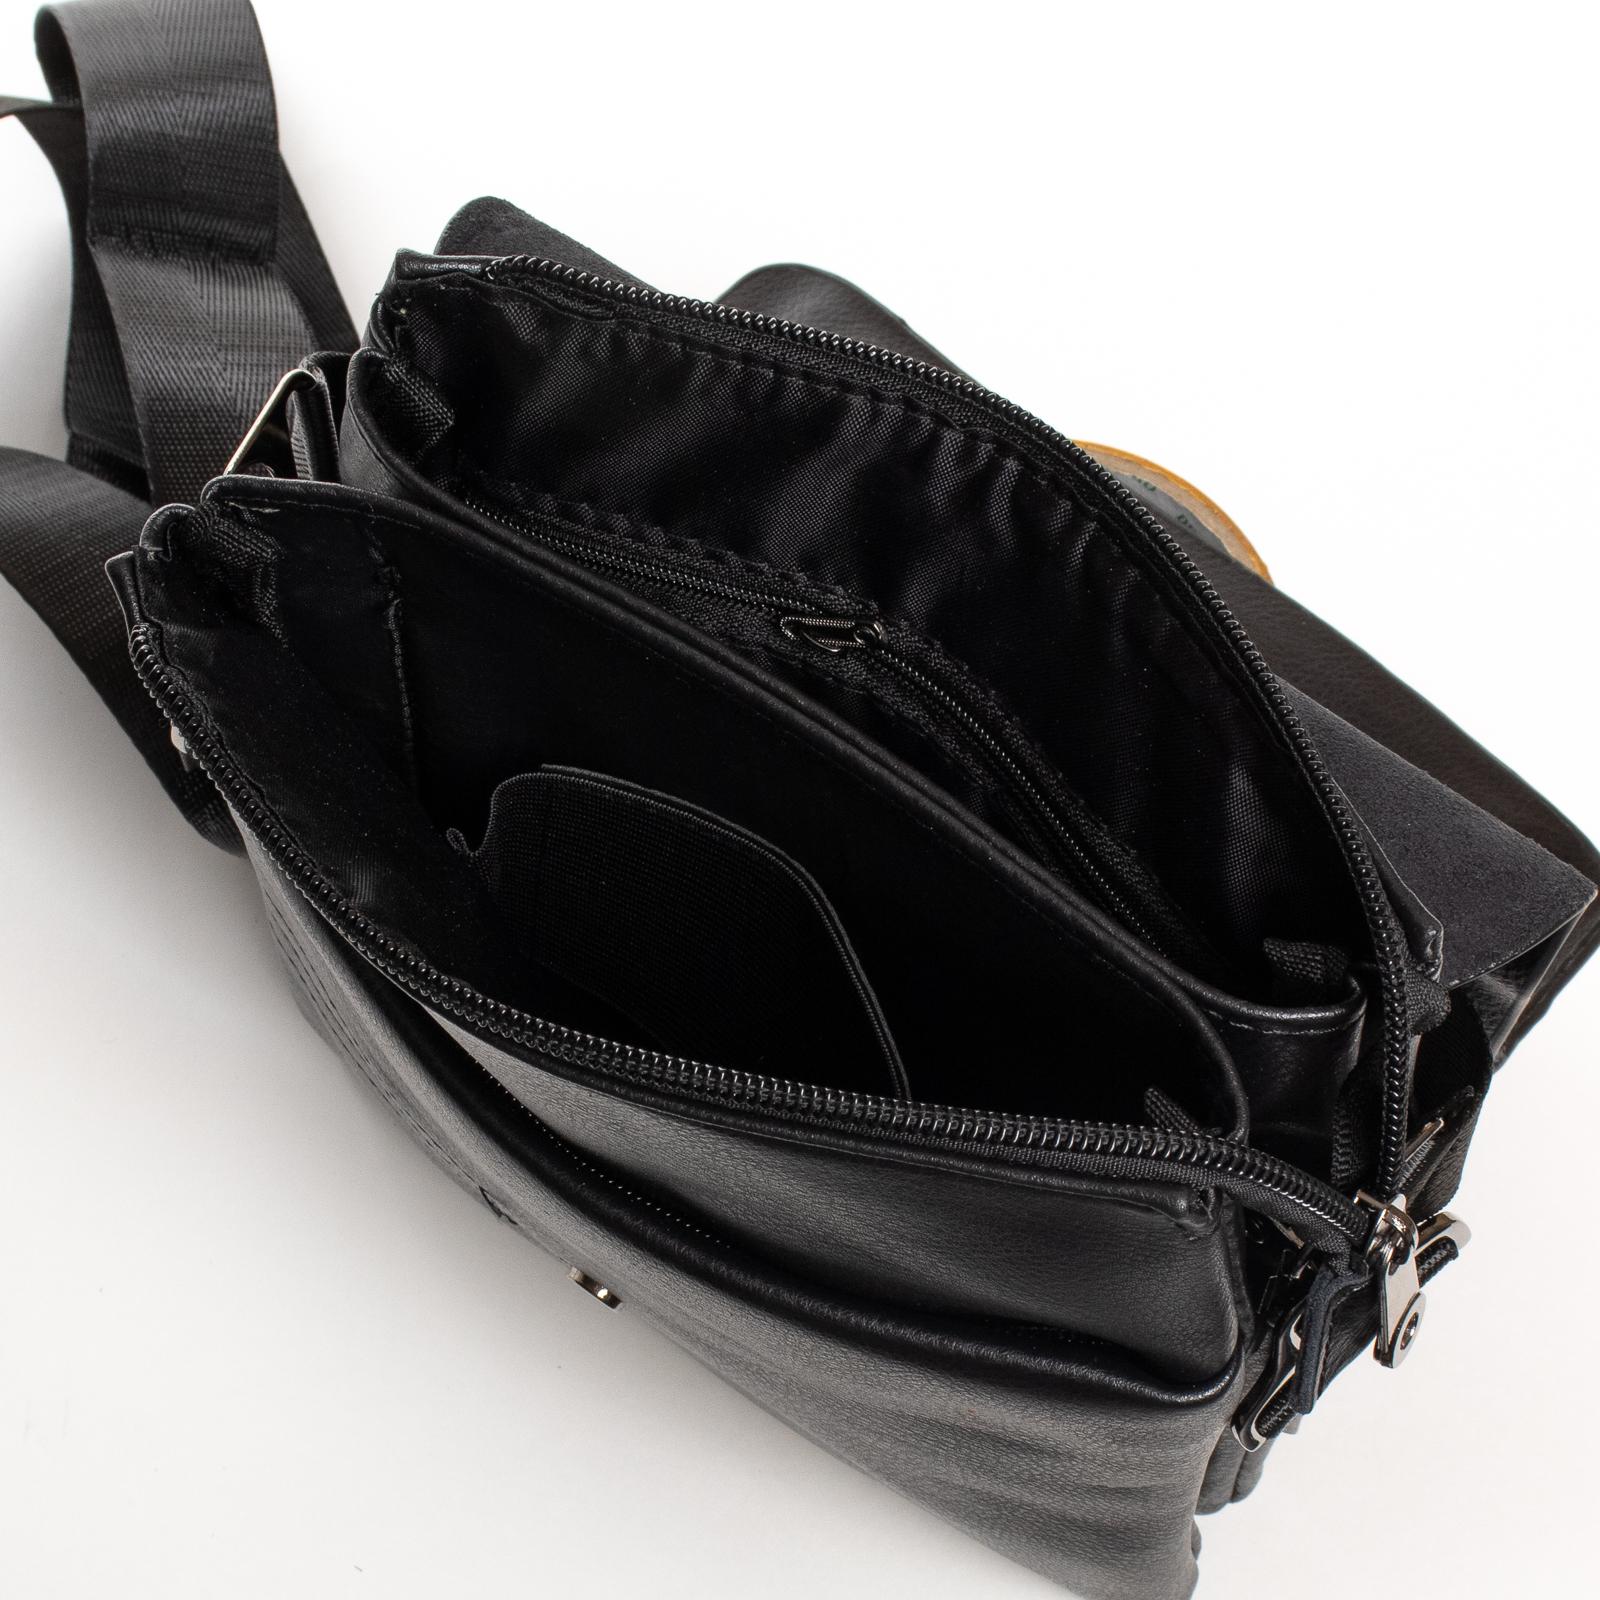 Сумка Мужская Планшет иск-кожа DR. BOND GL 205-2 black - фото 5